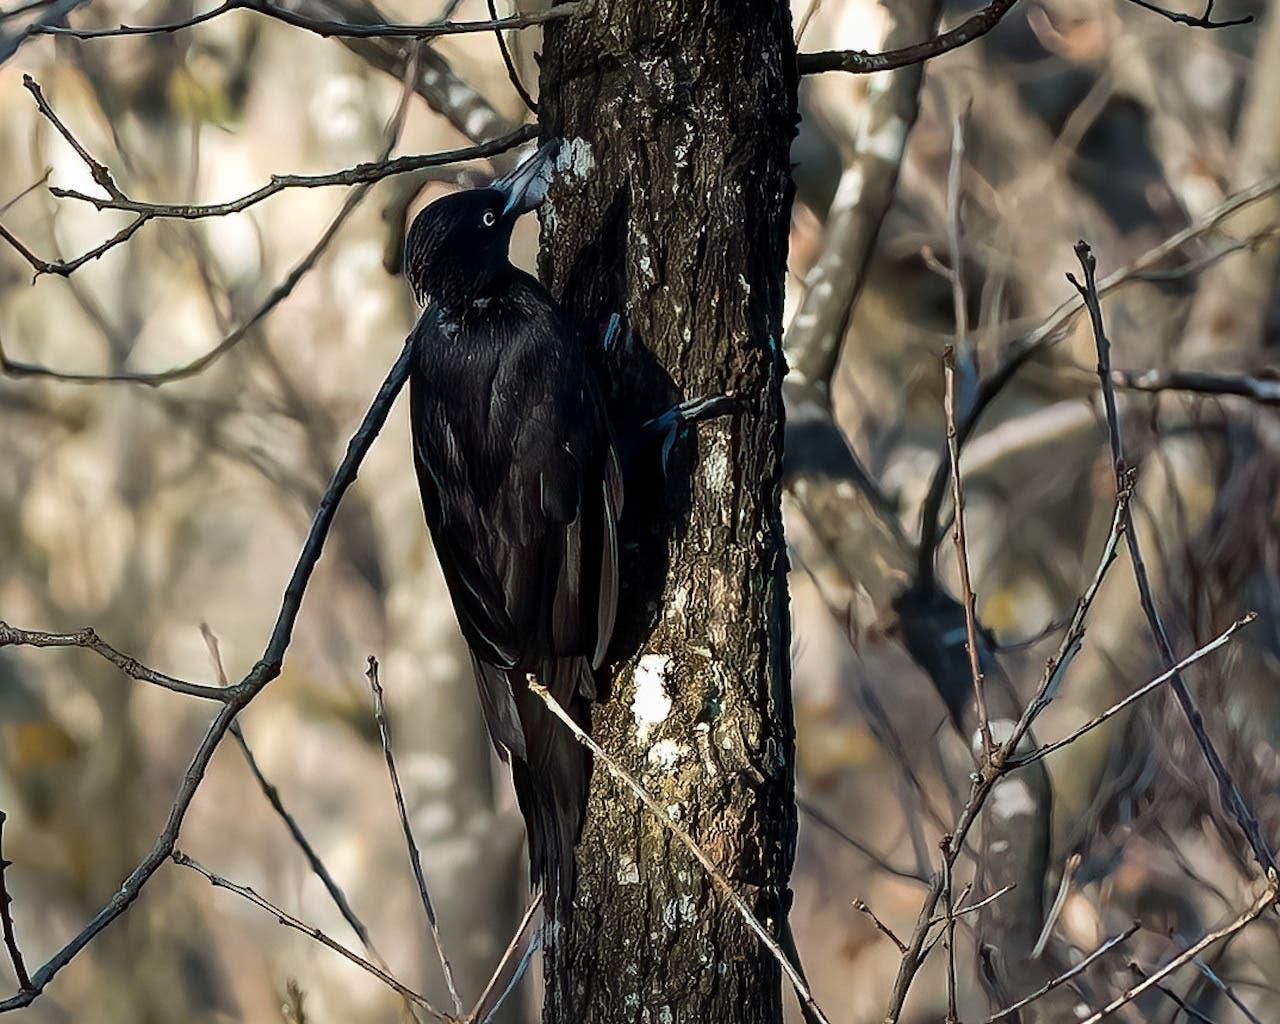 Vögel sind das Lieblingsmotiv der Hobbyfotografin.